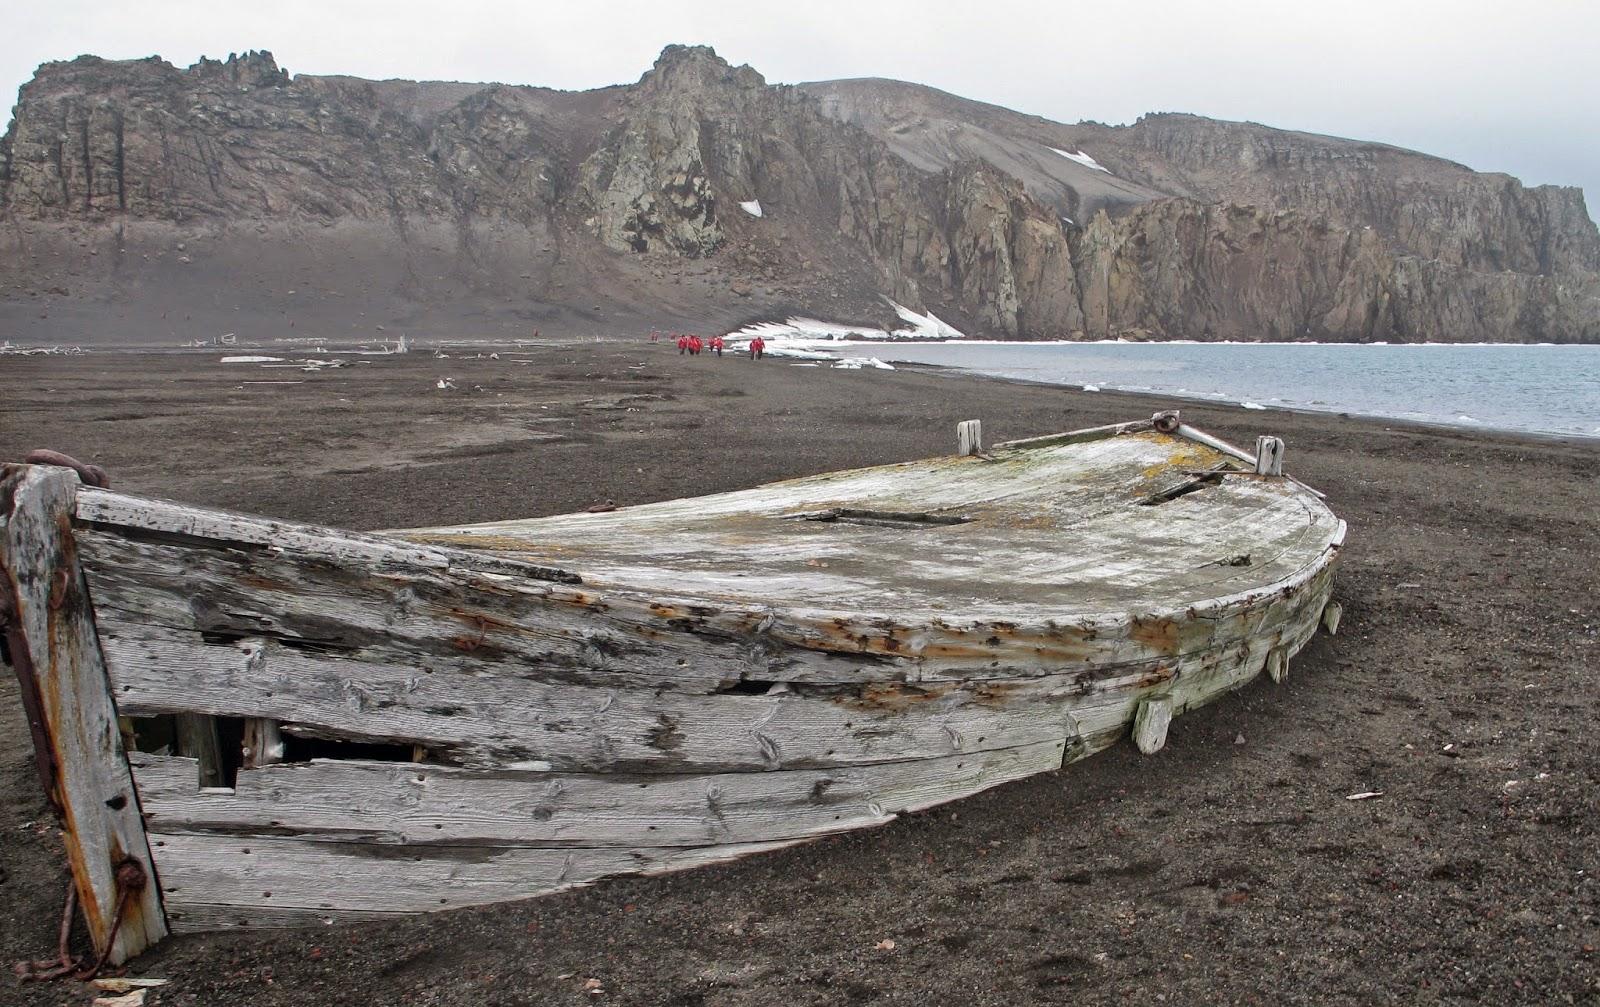 Débarquement à Whalers Bay, ancienne ville des baleiniers